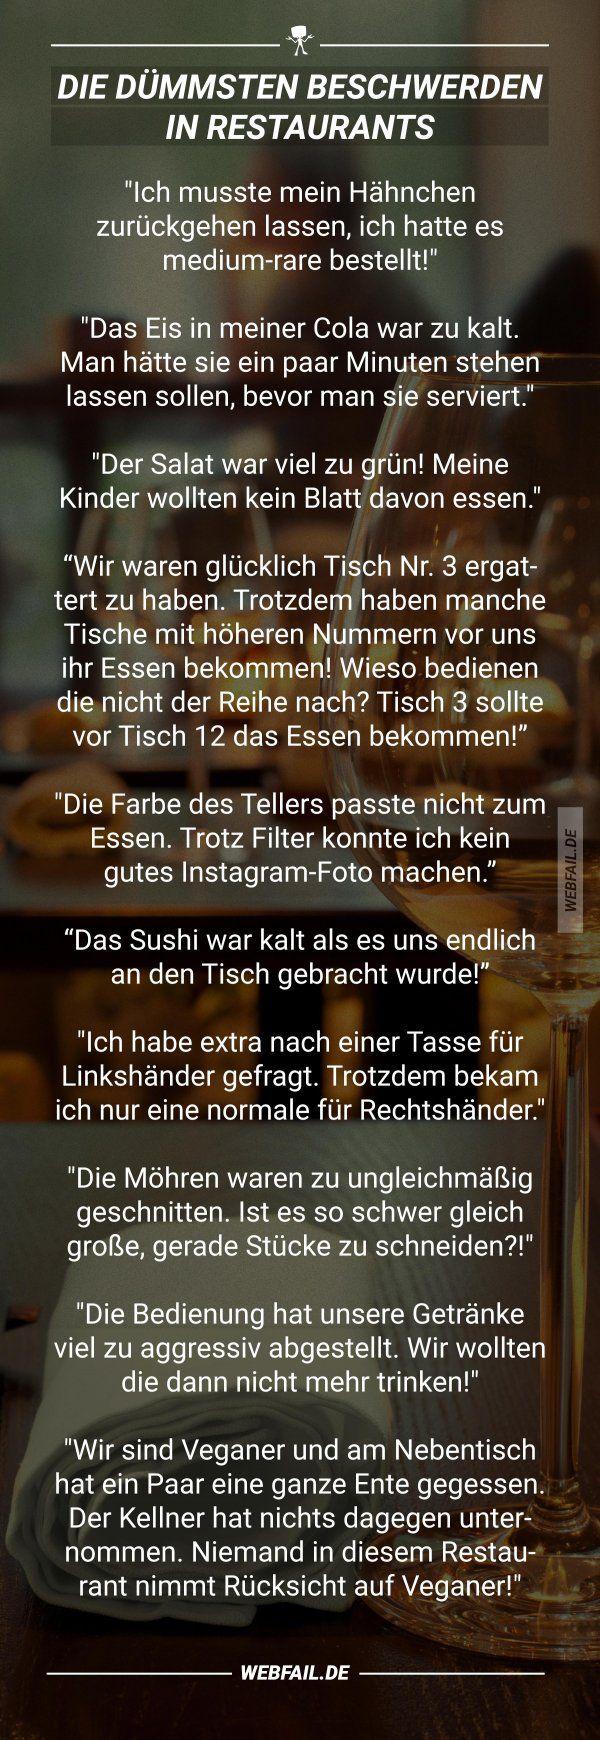 Die dümmsten Beschwerden in Restaurants – Maria Siegl.ms